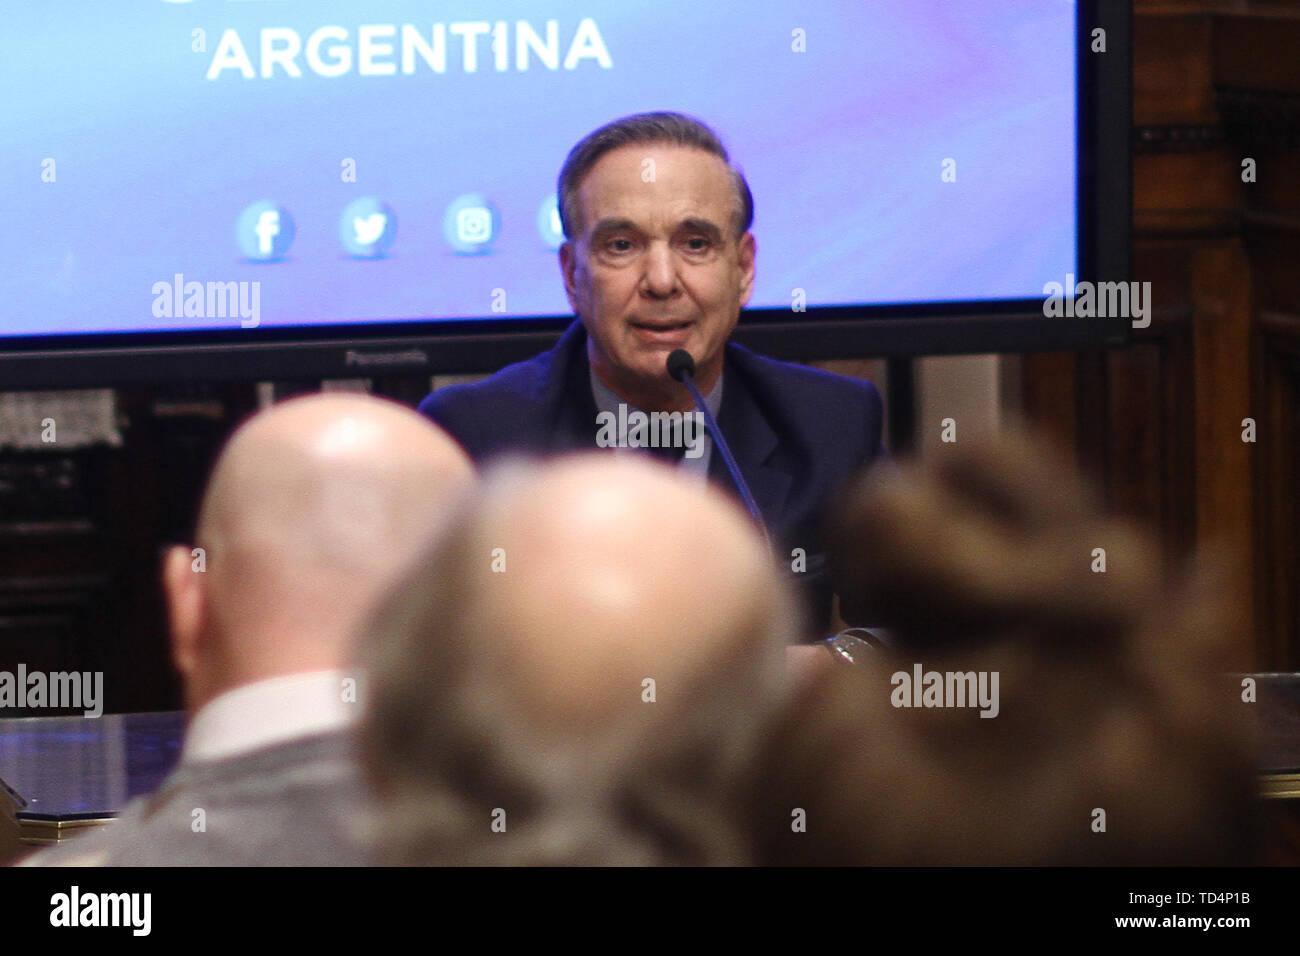 BUENOS AIRES, 11.06.2019: Miguel Angel Pichetto kündigt an, dass er nahm die Einladung von Präsident Mauricio Macri ihm als seine Re begleiten - wählen Stockfoto